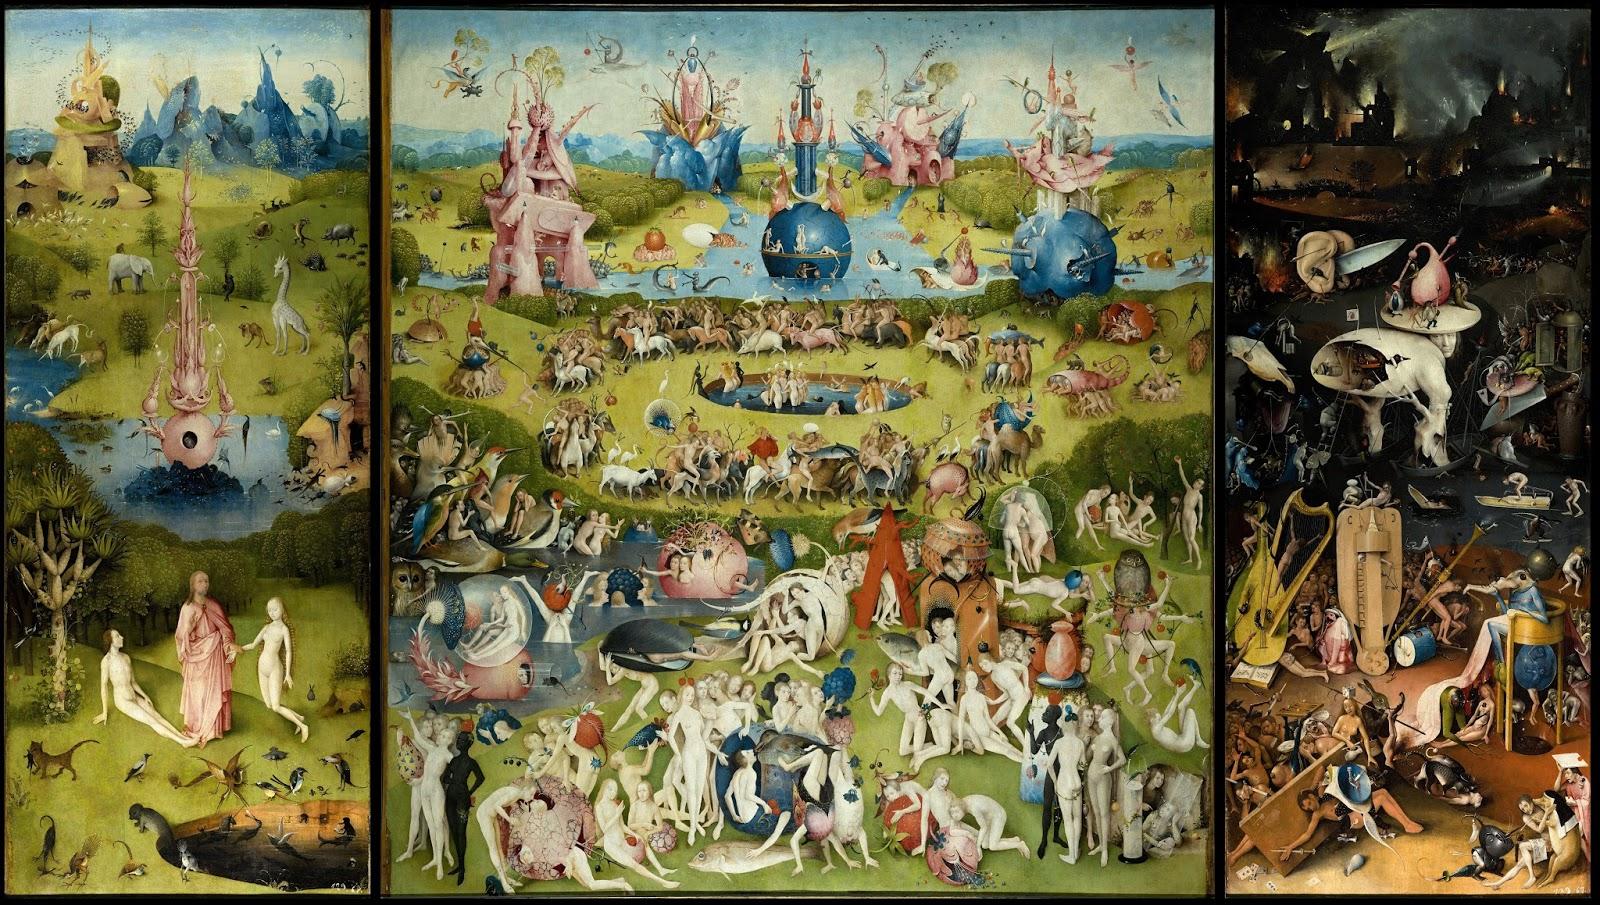 Hablar el jard n de las delicias quinta parte tabla derecha - Jardin infierno ...